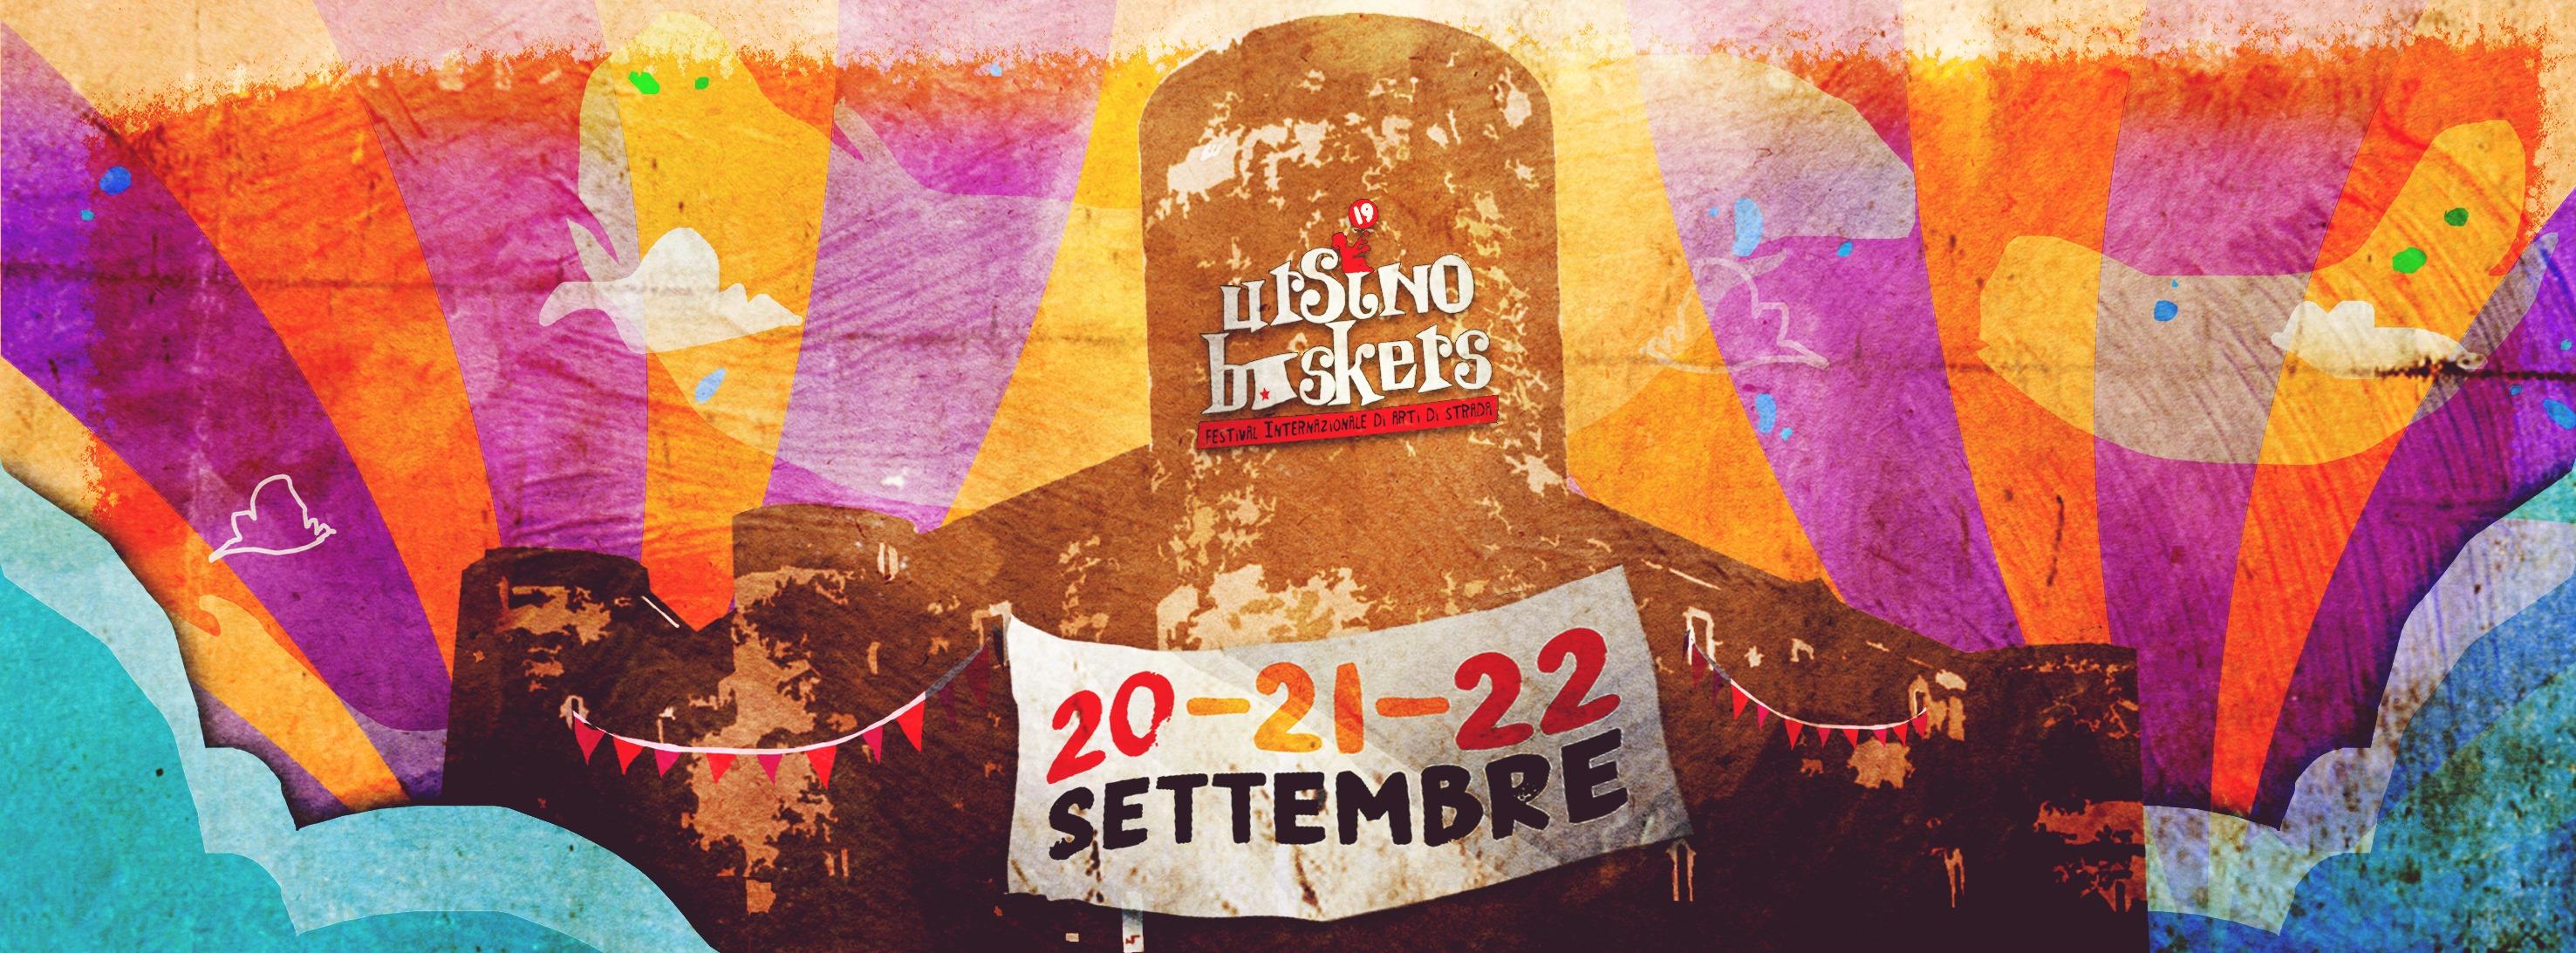 📣 Torna l'Ursino Buskers, il Festival Internazionale di Arti di Strada di Catania!